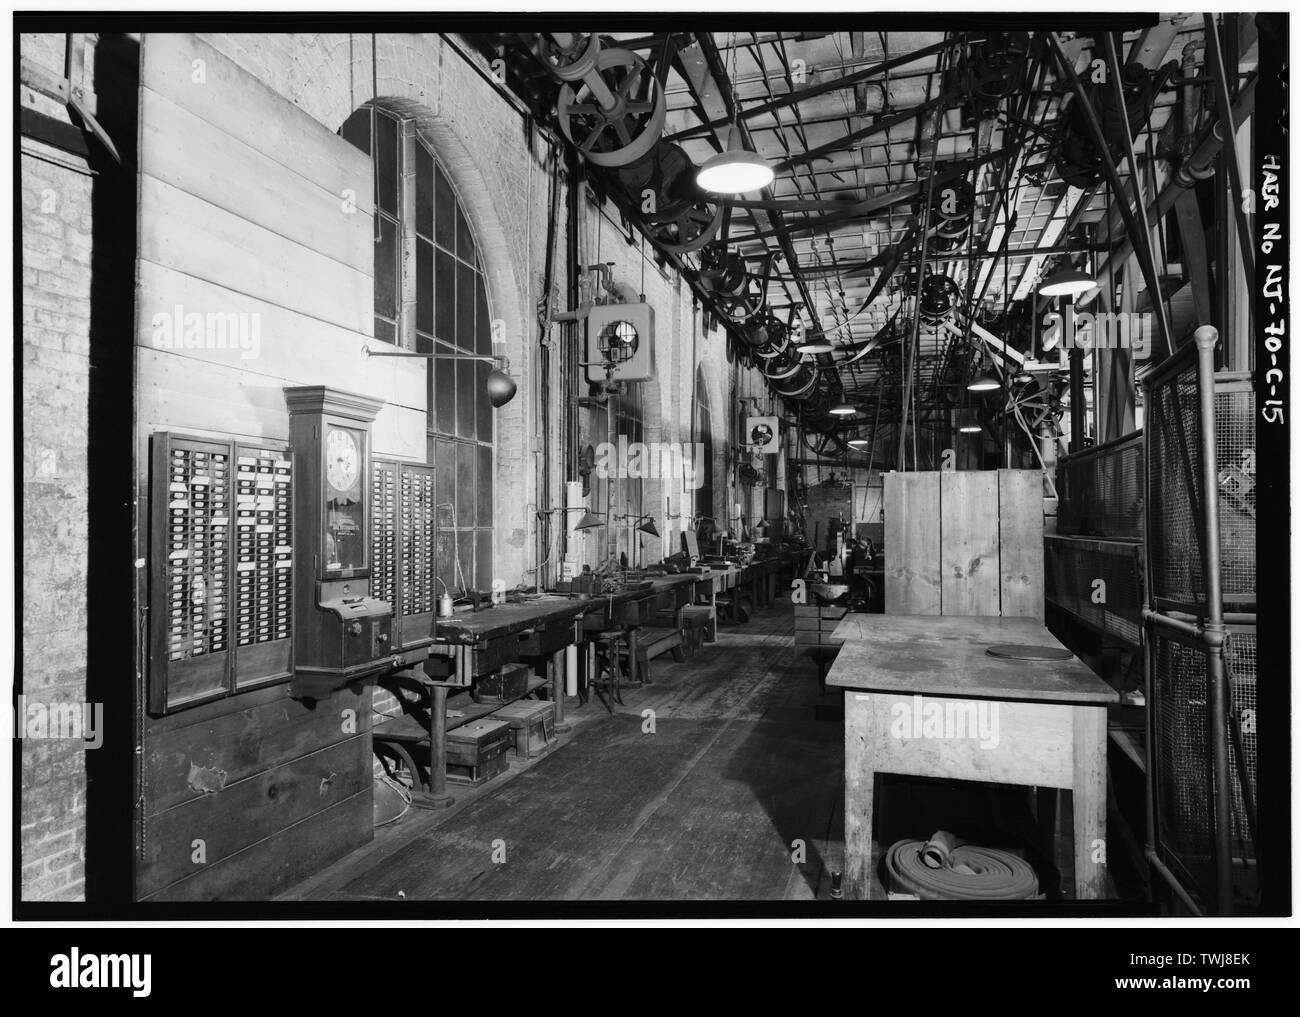 L'entrée à côté du laboratoire de la cour. Horloge temps réel utilisé pour enregistrer les temps de travail des employés. - Thomas A. Edison Laboratories, Bâtiment n° 5, West Orange, comté d'Essex, NJ Banque D'Images